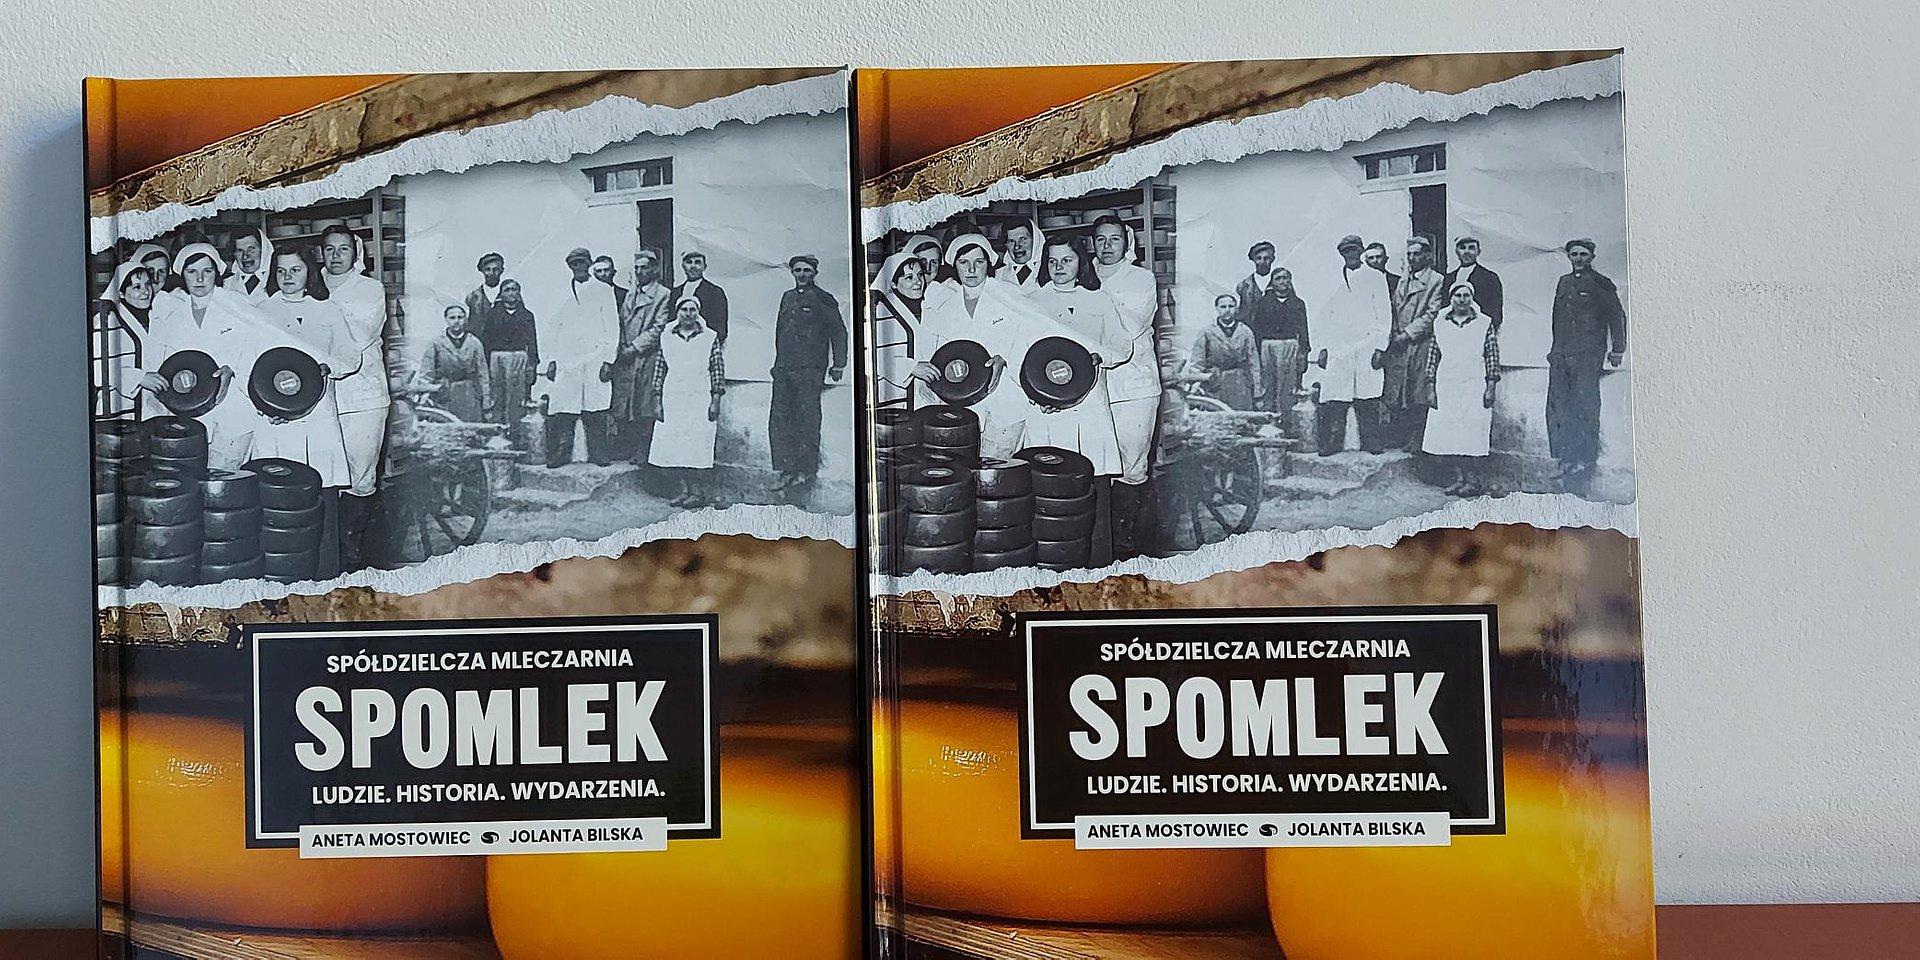 Książka o ludziach i historii mleczarni Spomlek